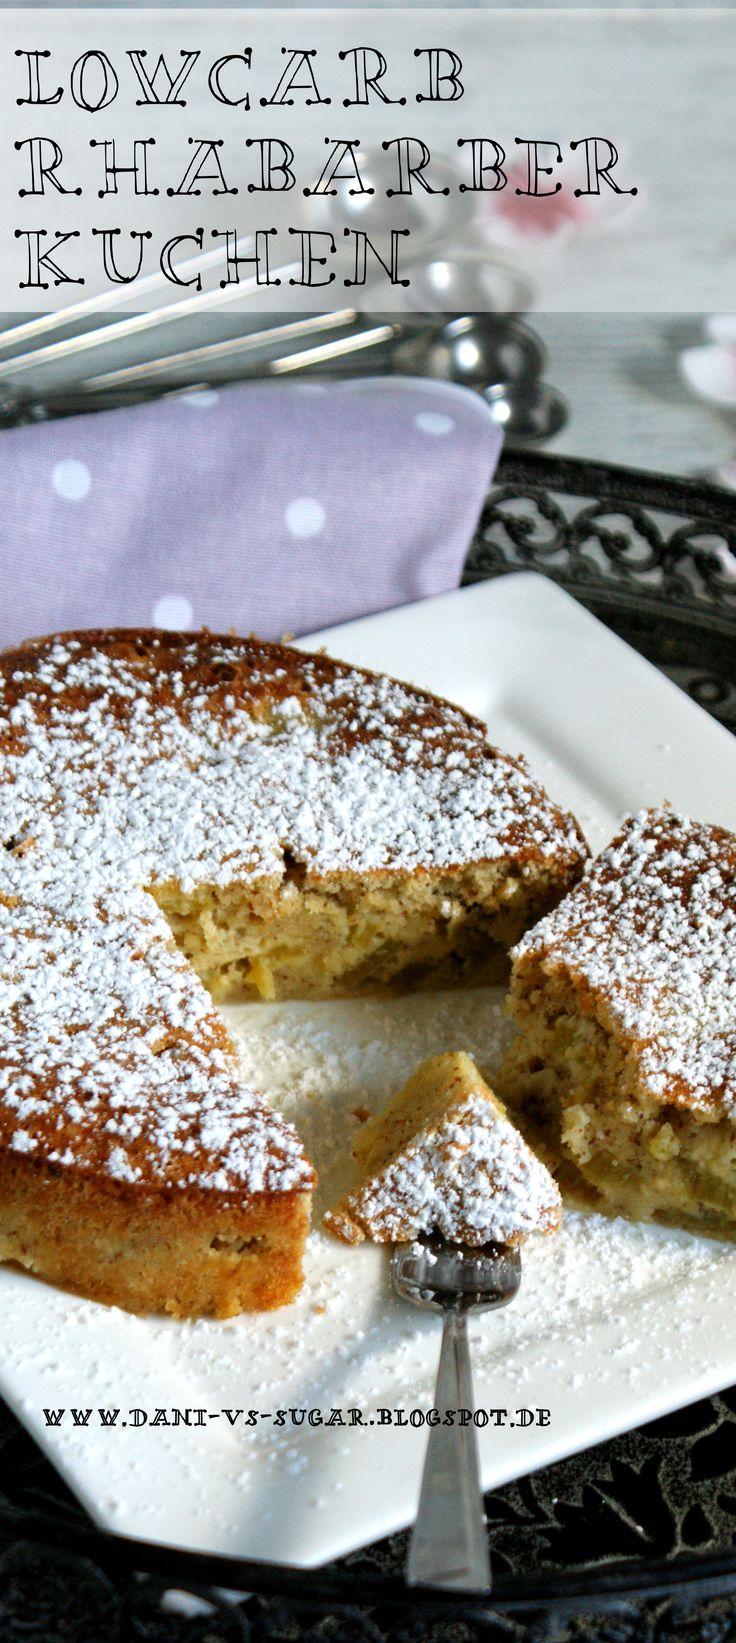 Ein wunderbar saftiger Lowcarb Rhabarber Kuchen mit gemahlenen Mandeln. http://dspot.de/2015/04/lowcarb-rhabarber-kuchen.html